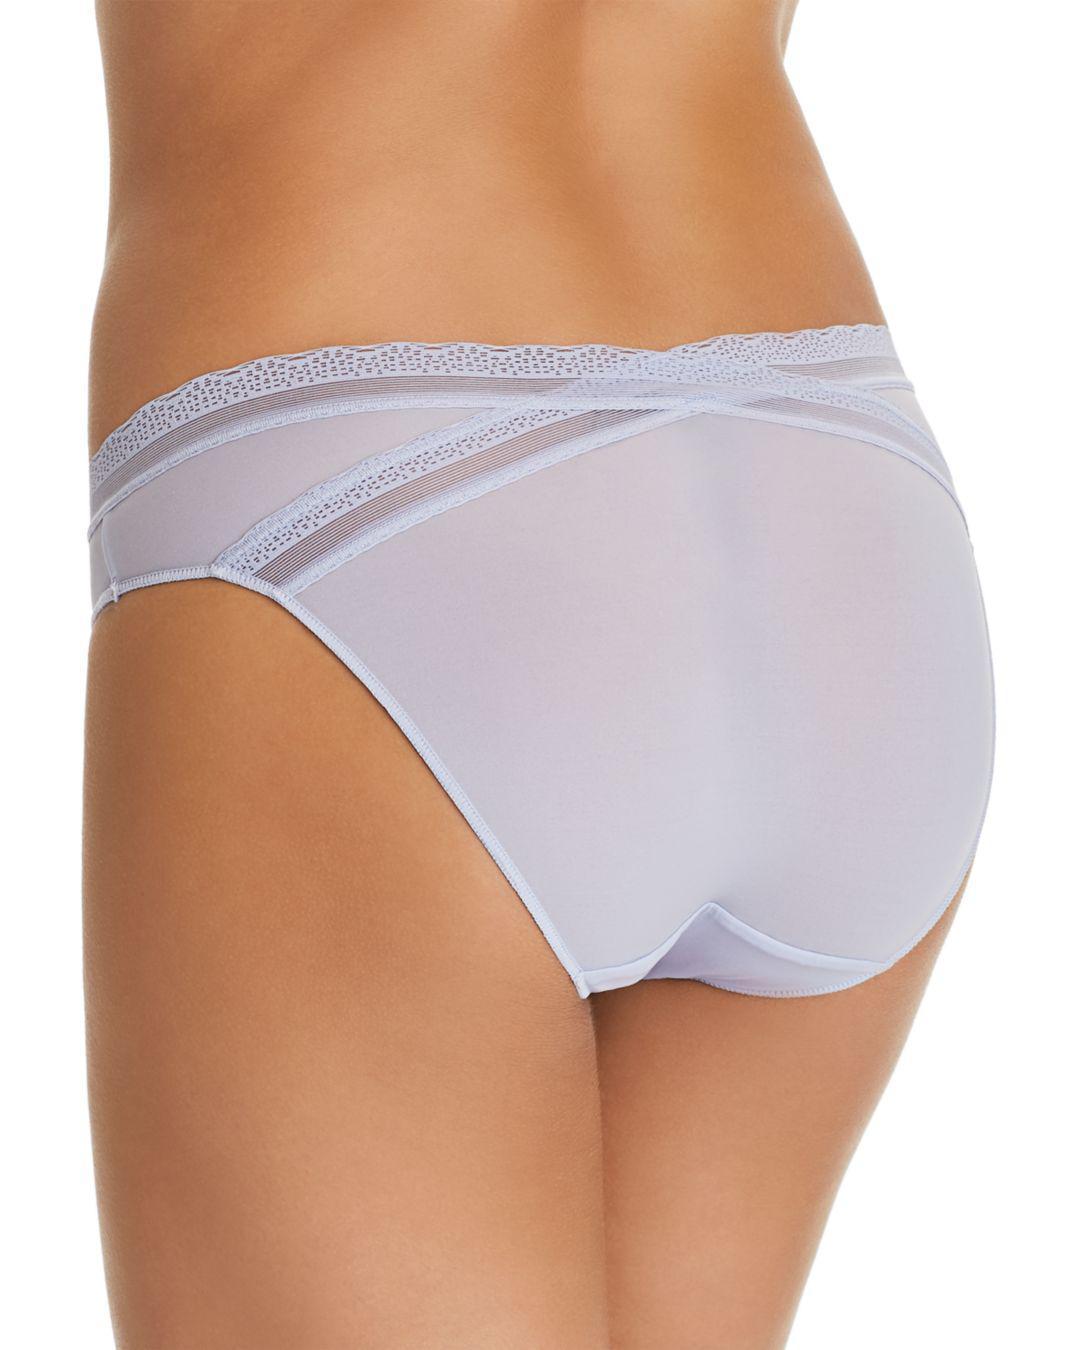 Thong butt and ass